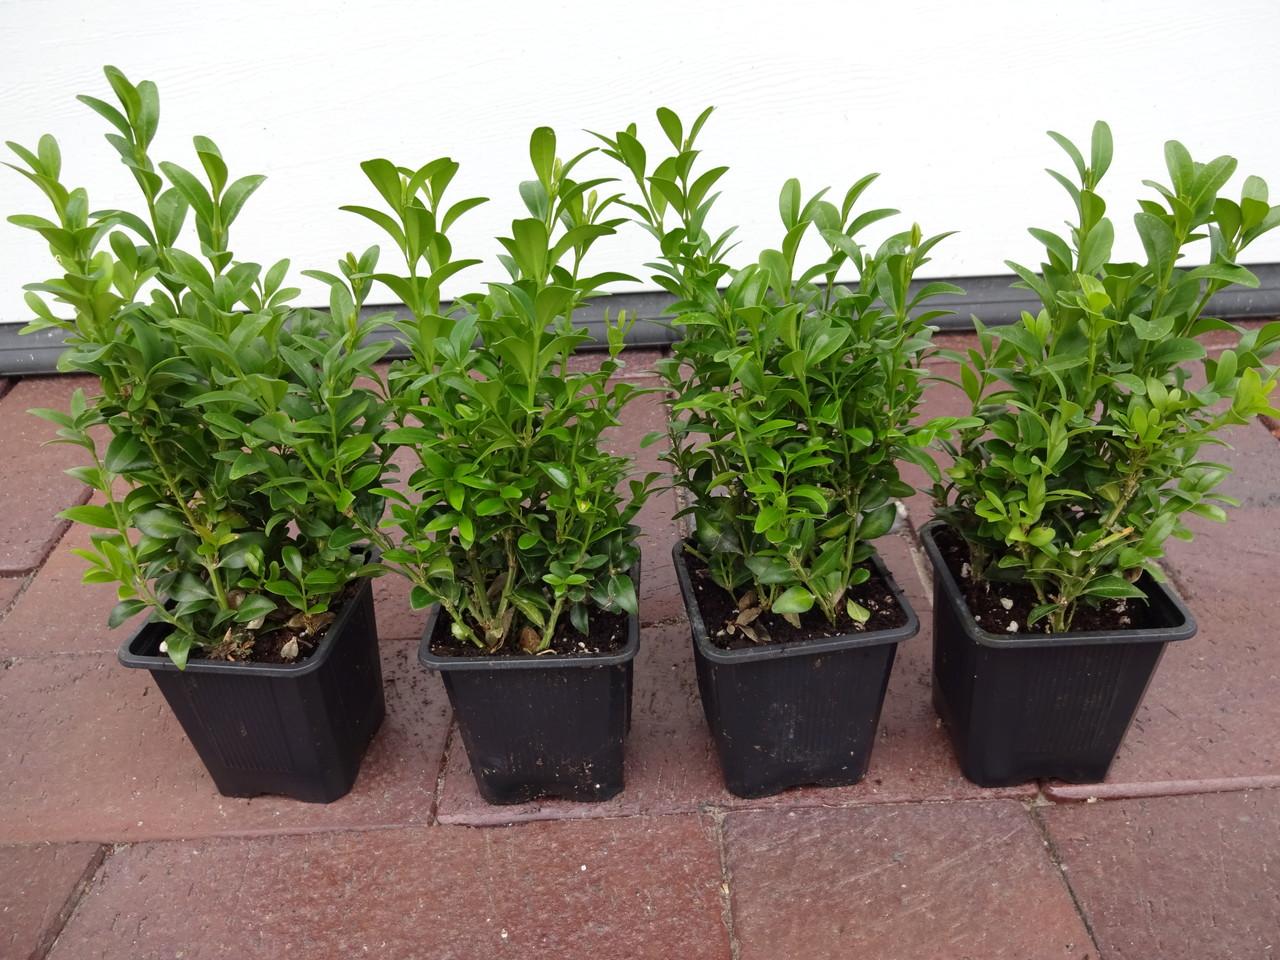 buchsbaum als beeteinfassung pflanzen online kaufen auf. Black Bedroom Furniture Sets. Home Design Ideas